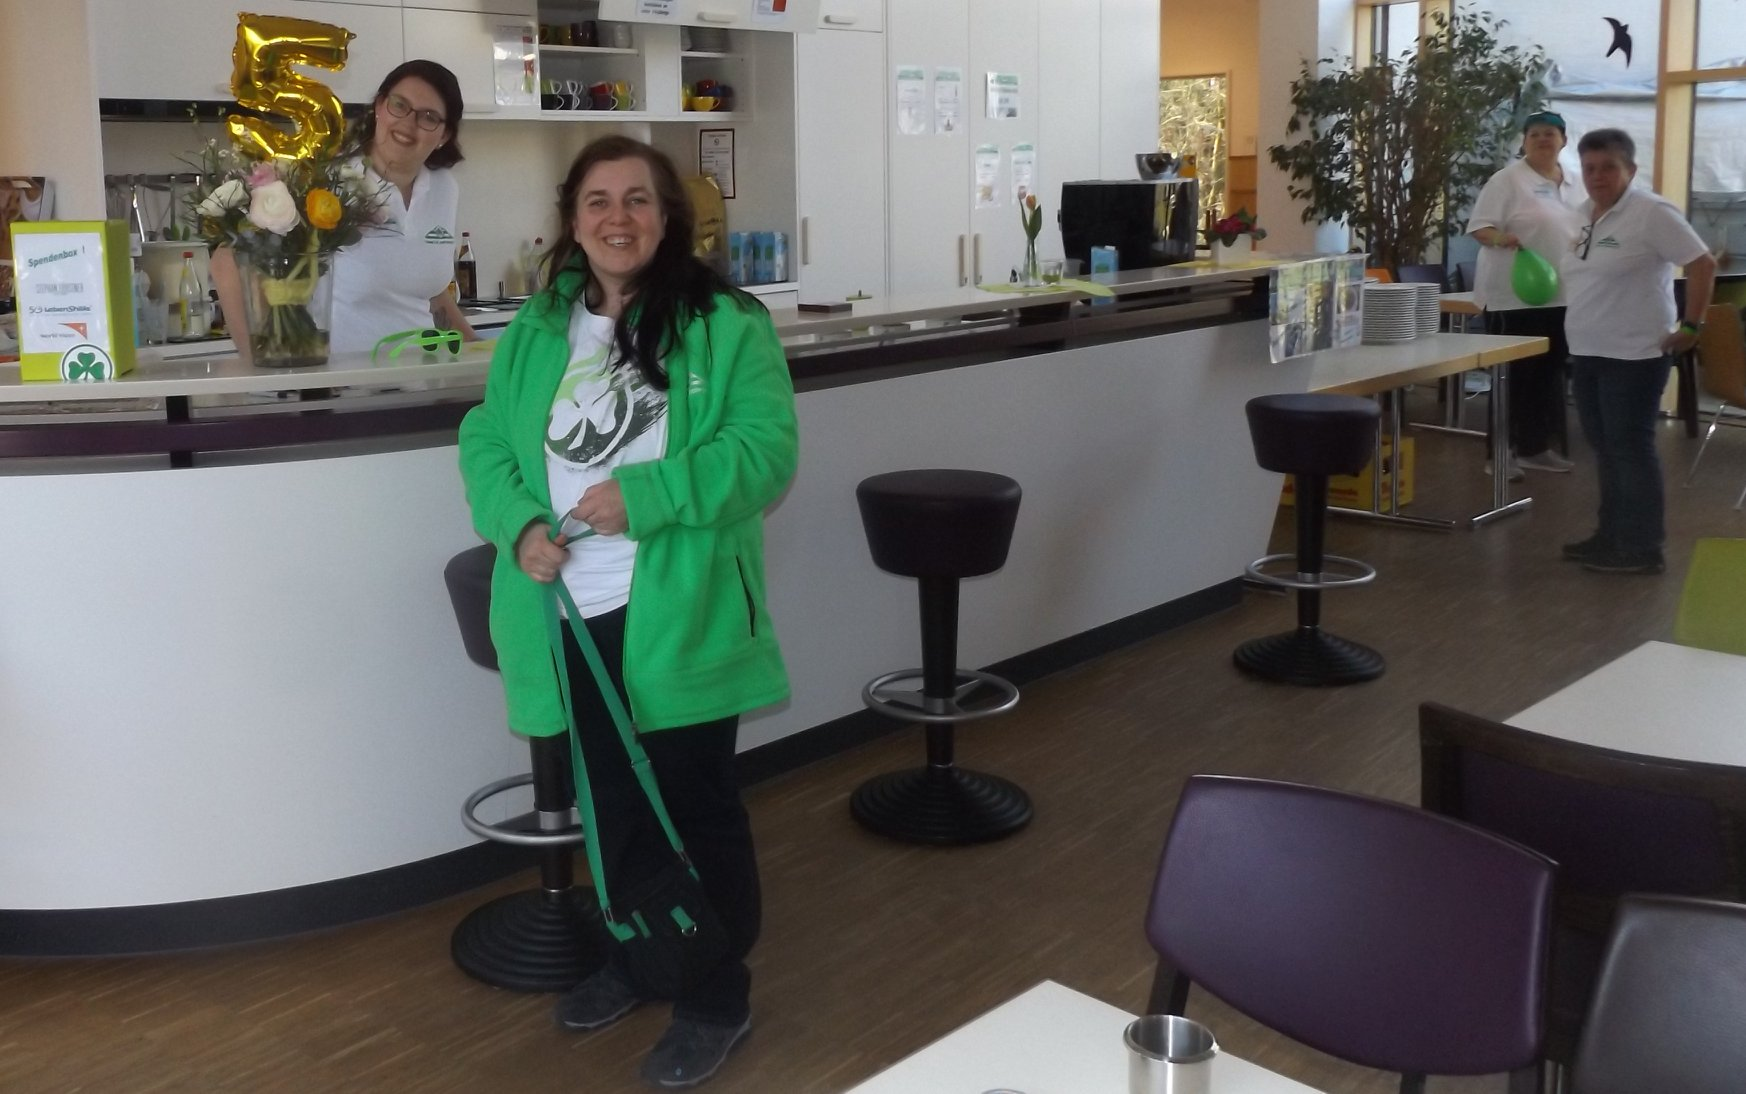 Katrin Schmidt mit Leib und Seele Fußball- und Greuther-Fan. Seit ist die Frau mit Unterstützungsbedarf auch offizielles Vorstandsmitglied des Kleeblatttreffs unterm Moritzberg e. V.